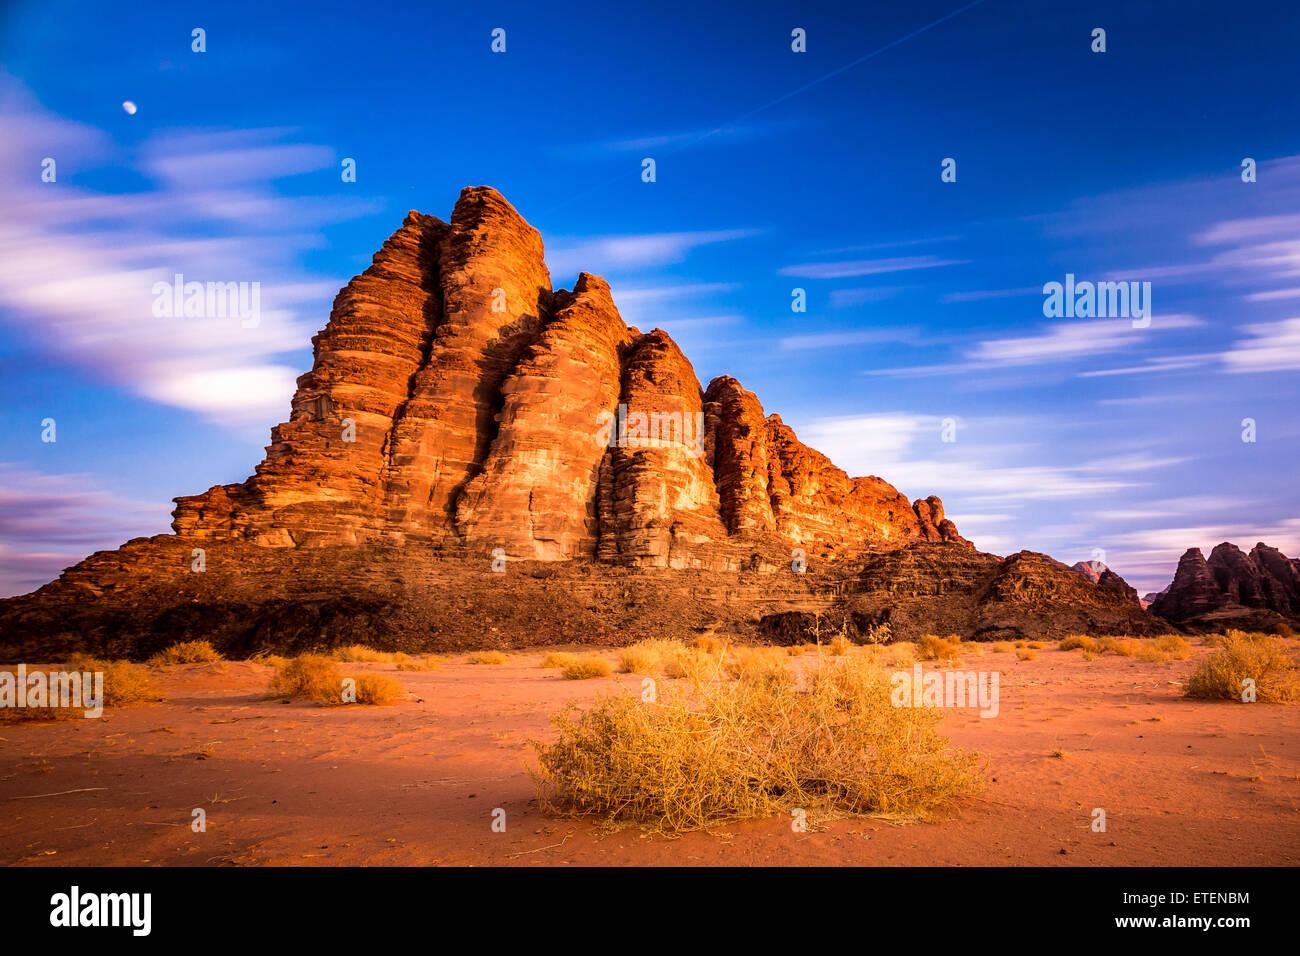 Scenic view of Wadi Rum desert, Jordan Stock Photo